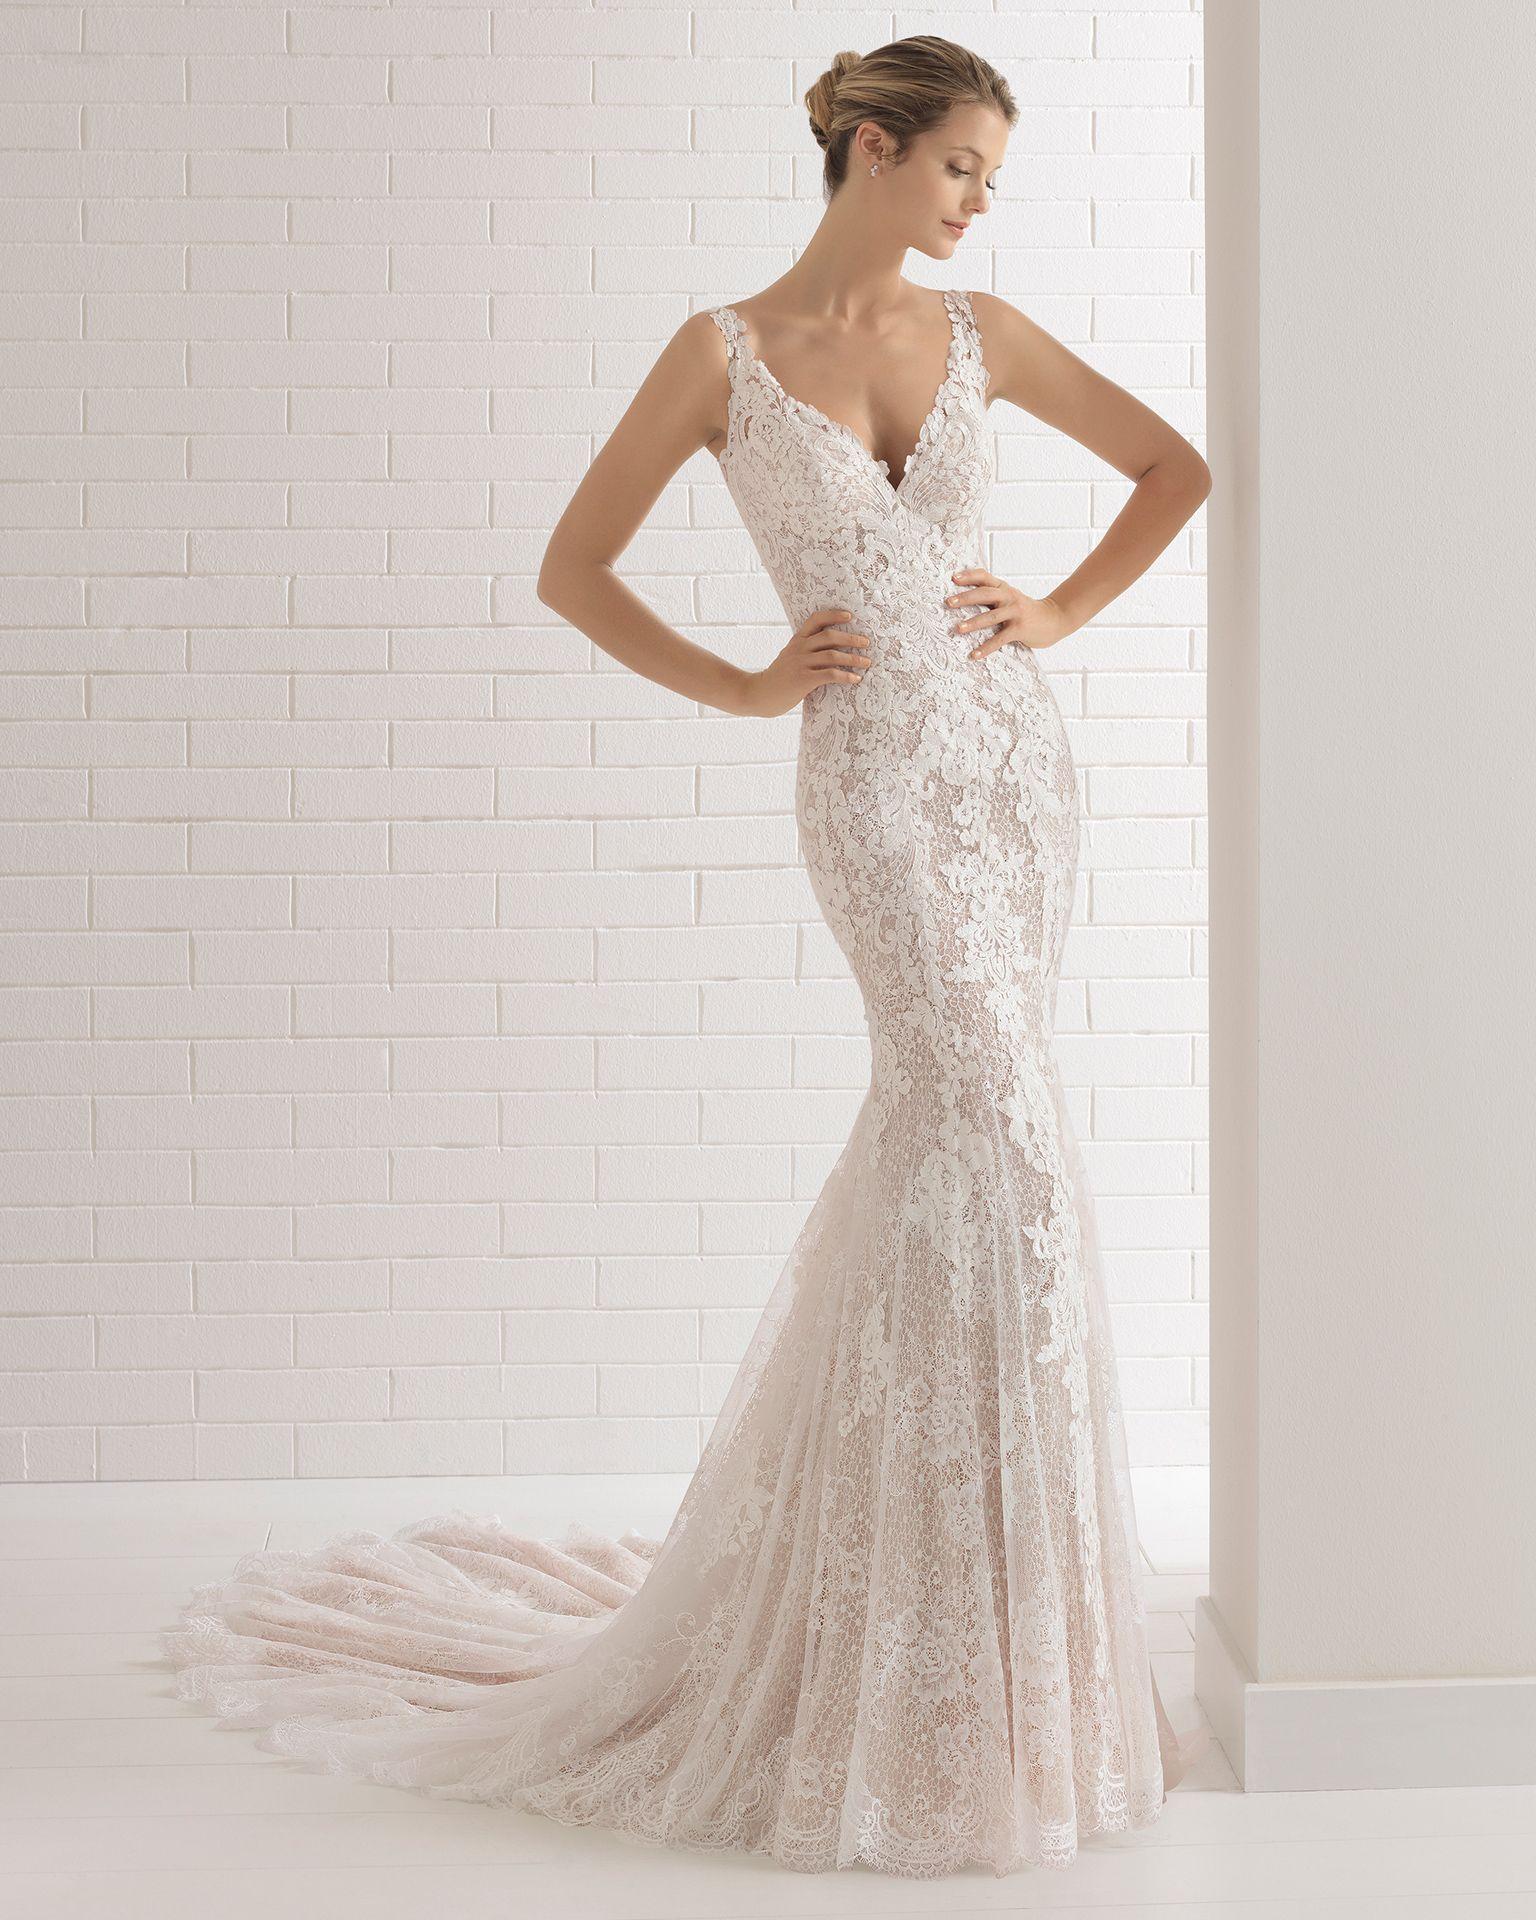 fb0cd177a3 Vestido de novia estilo romántico en encaje con escote V y espalda con  efecto tattoo con encaje en color nude y en natural.